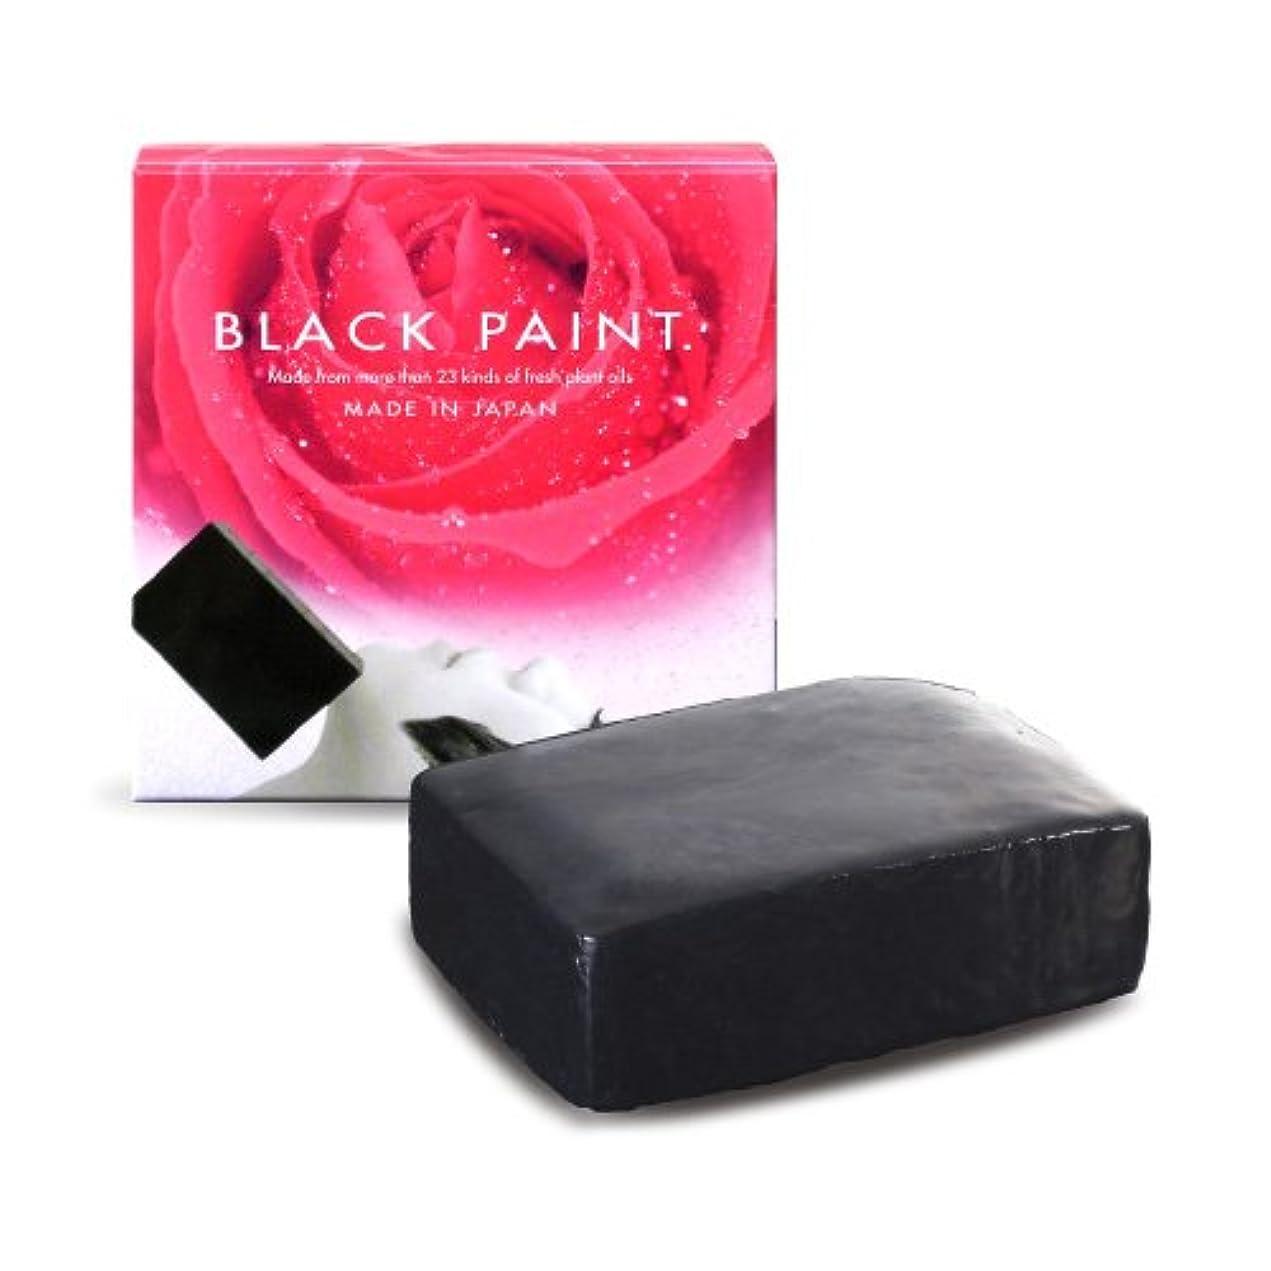 忘れっぽいアシスタント約ブラックペイント 60g ハーフサイズ 塗る洗顔 石鹸 無添加 国産